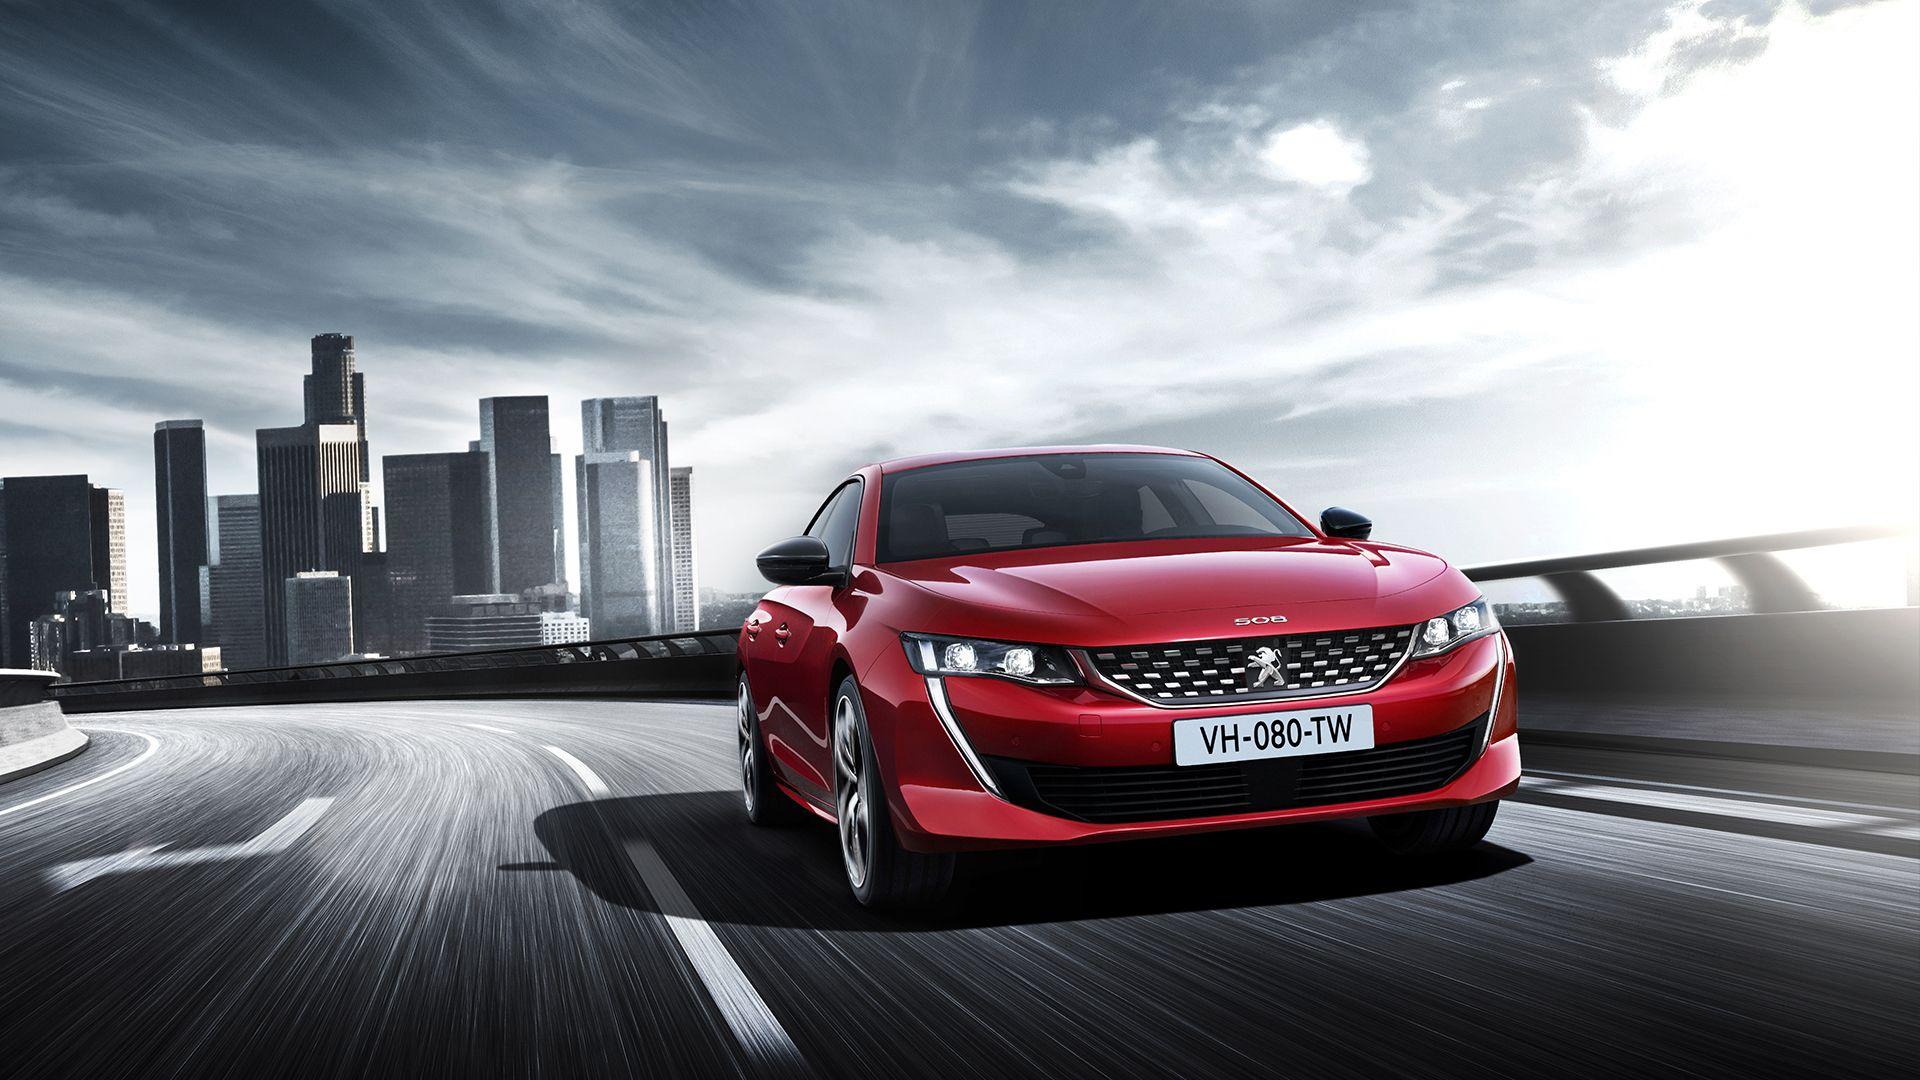 Nuevo 508, la berlina futurista de Peugeot